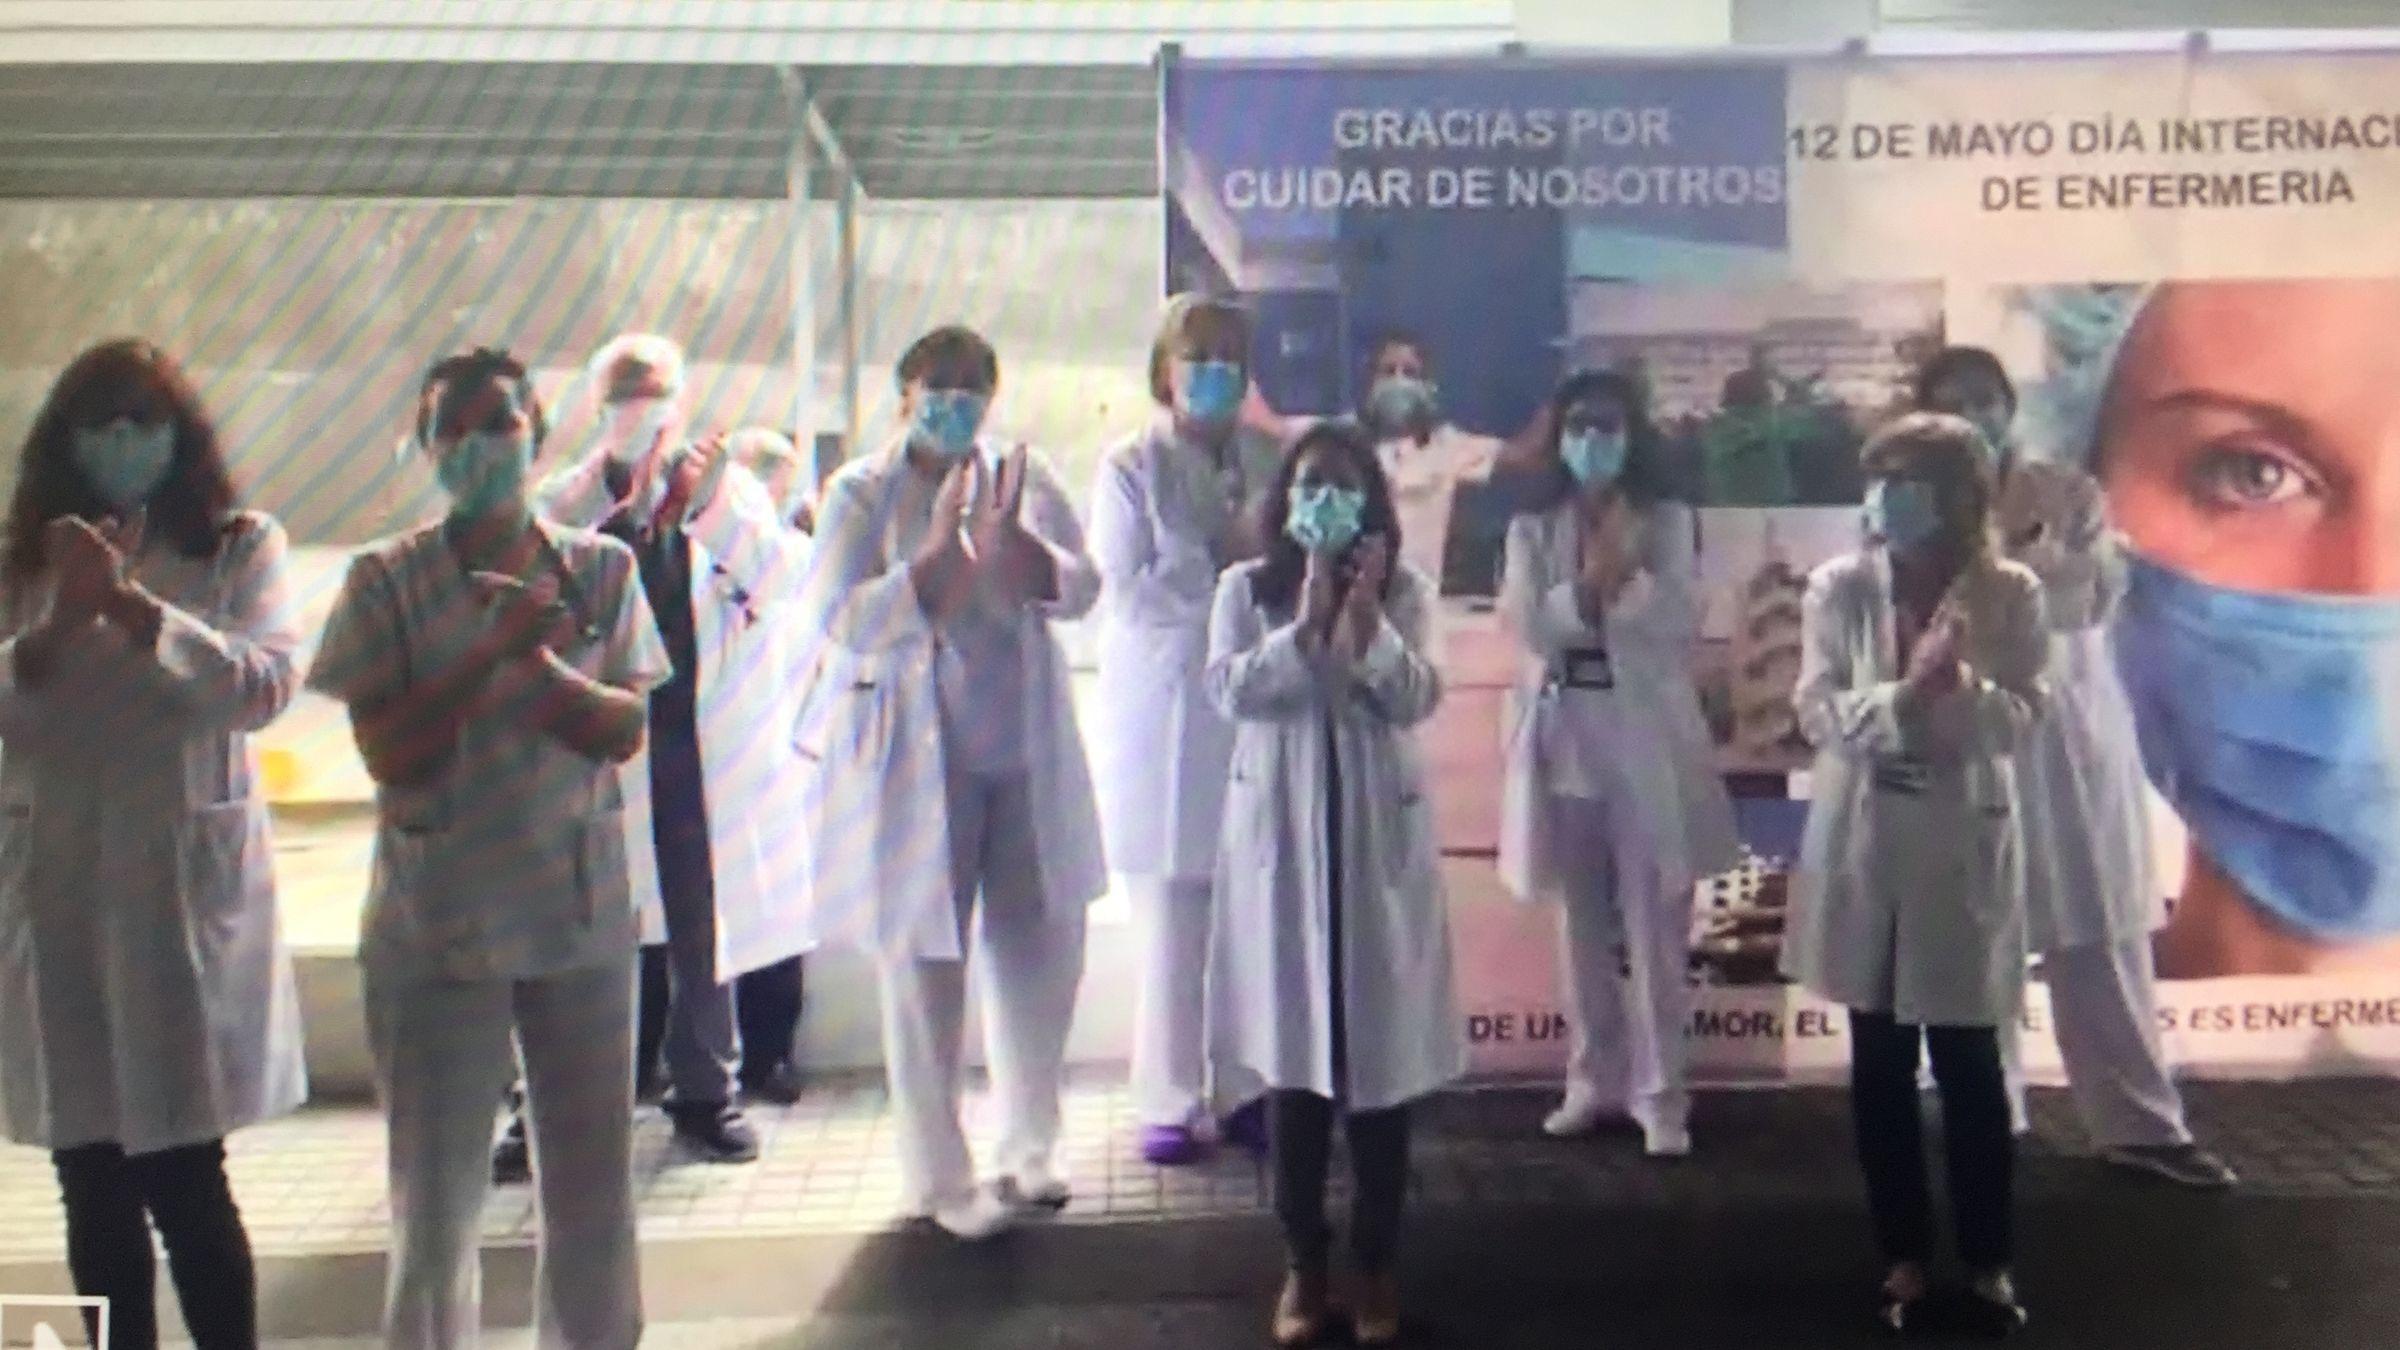 Personal sanitario del hospital Álvaro Cunqueiro de Vigo aplauden a las enfermeras del centro en su día internacional.Urgencias del hospital Álvaro Cunqueiro de Vigo